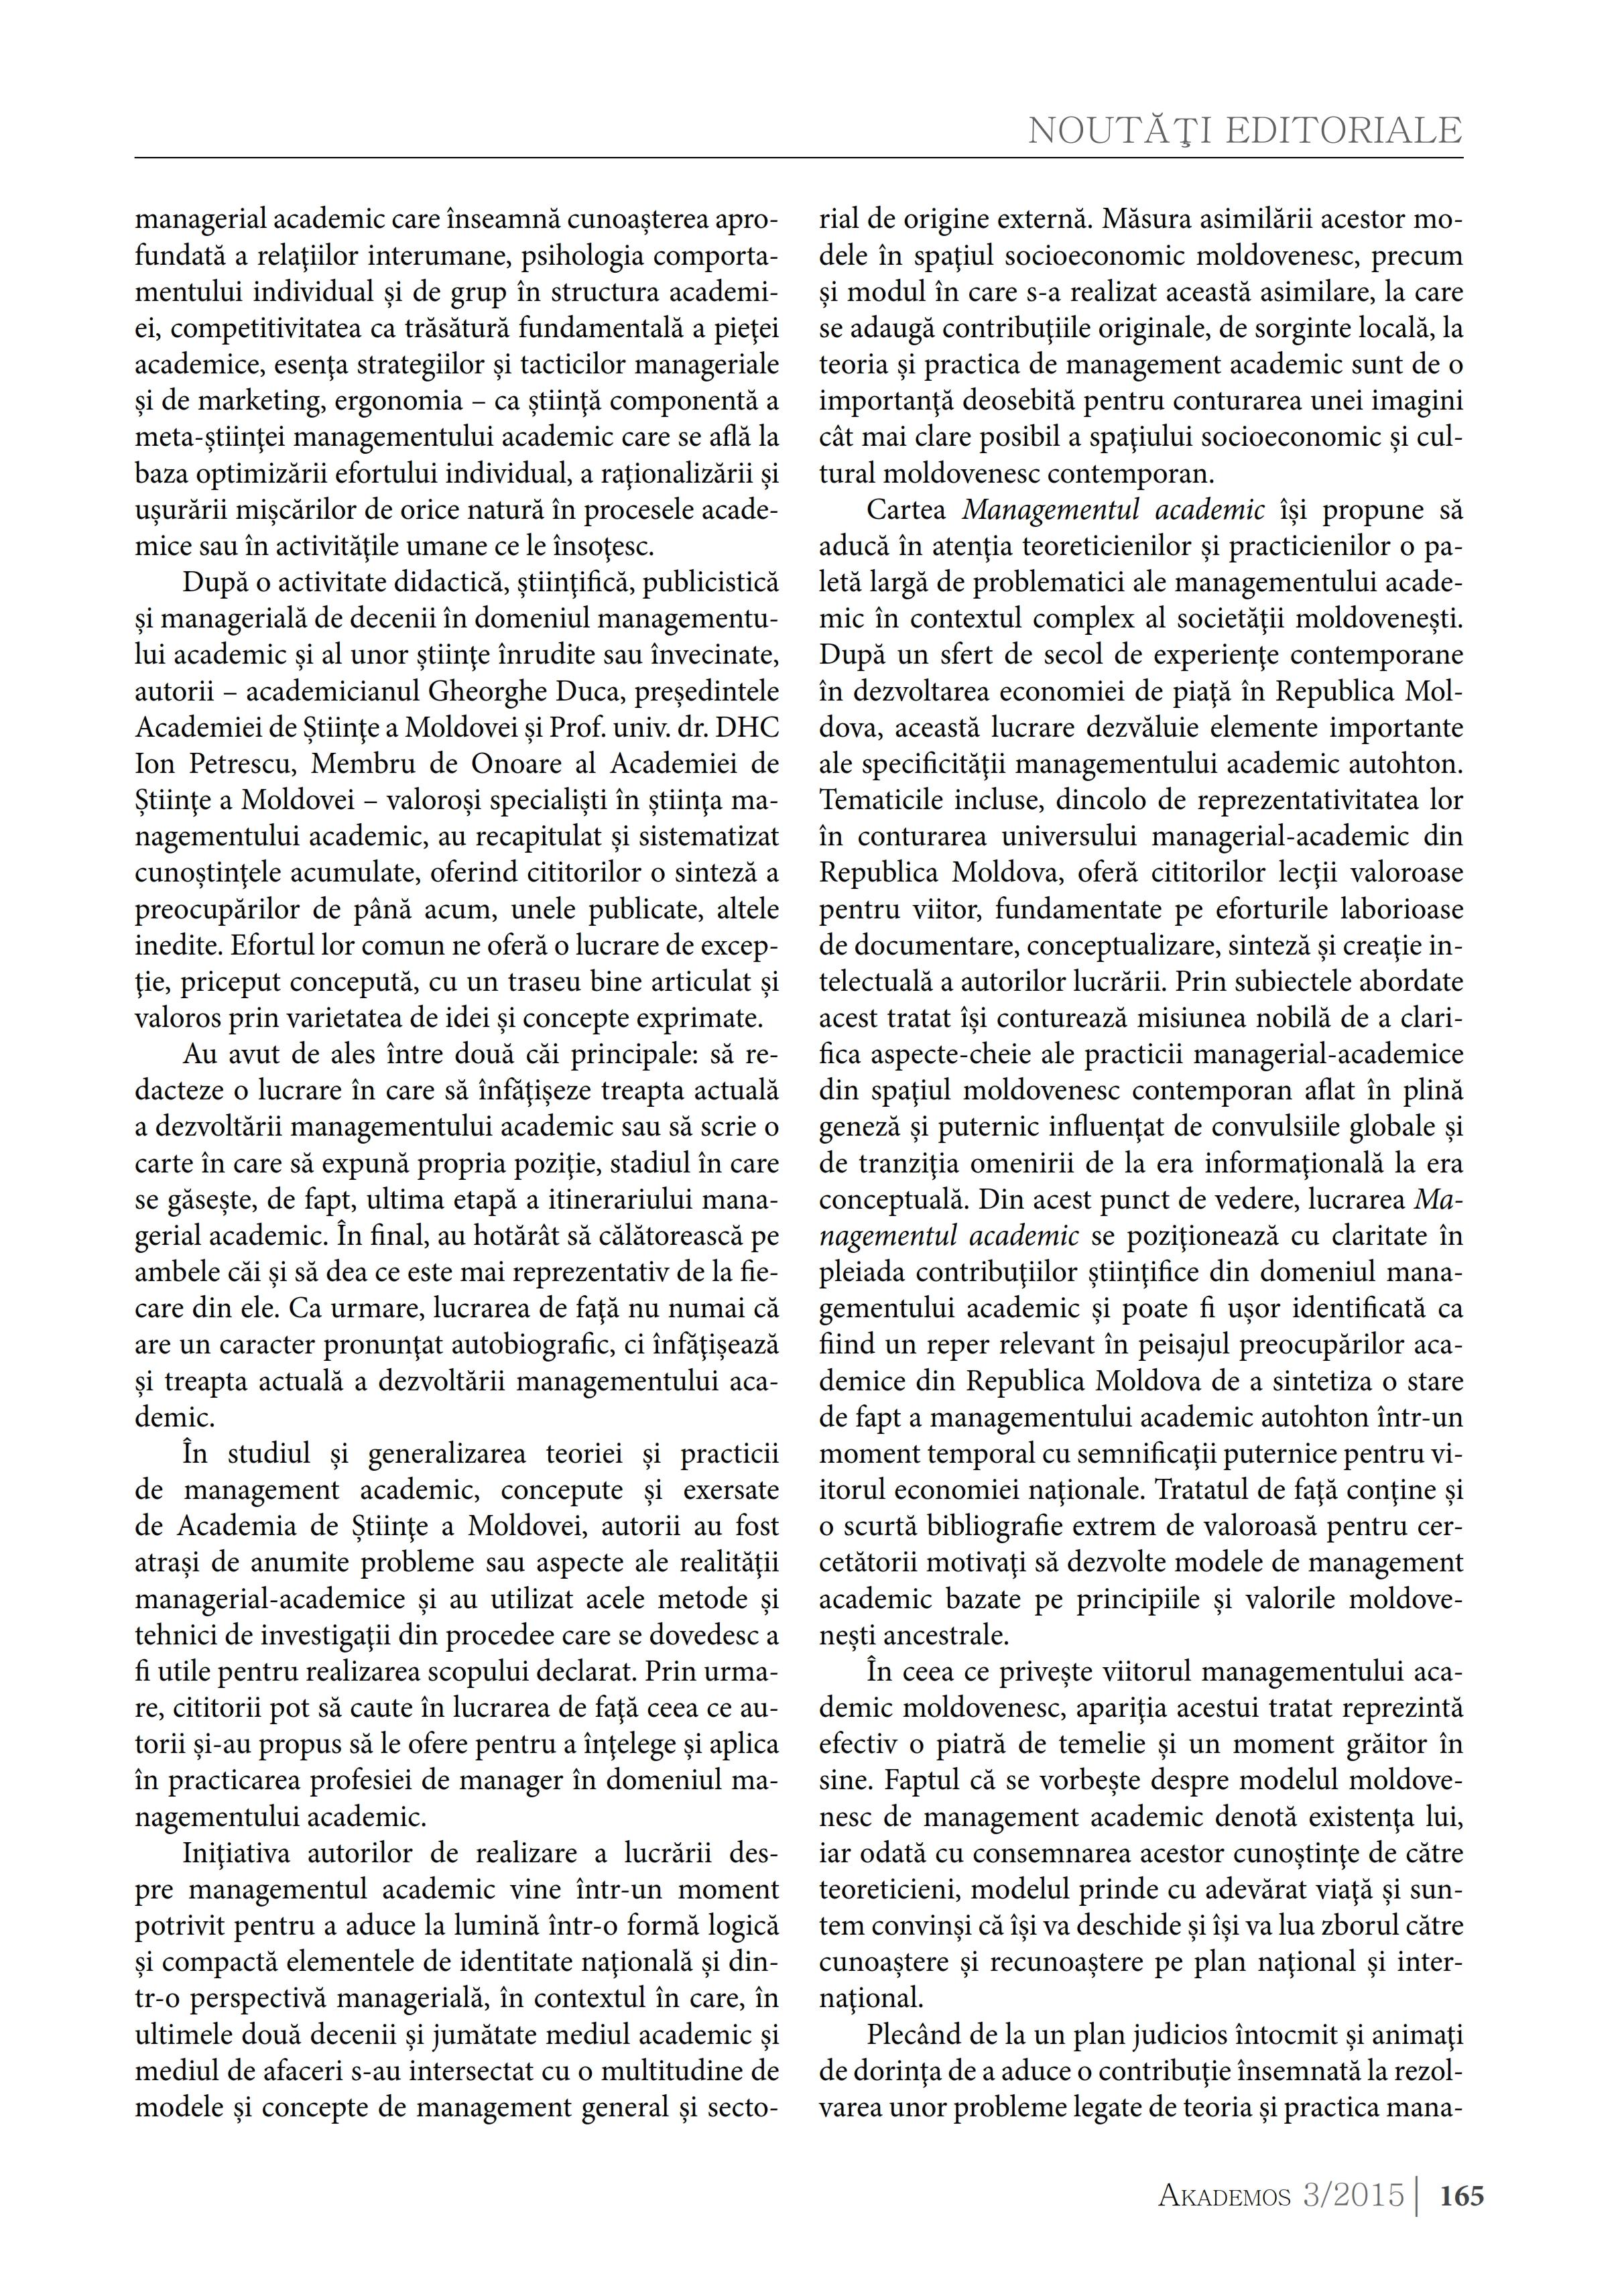 Managementul academic in folosul academismului, didacticii si cercetarii stiinţifice_003